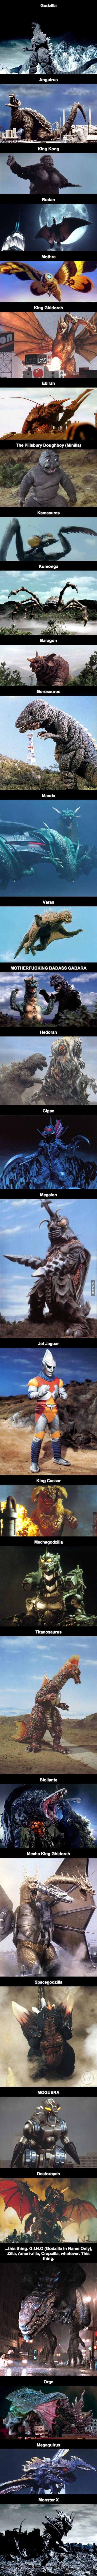 Godzilla es, probablemente, el kaiju más famoso y poderoso del mundo. Pero si no fuera así, seguro que es por lejos el monstruo más prolífico del cine...